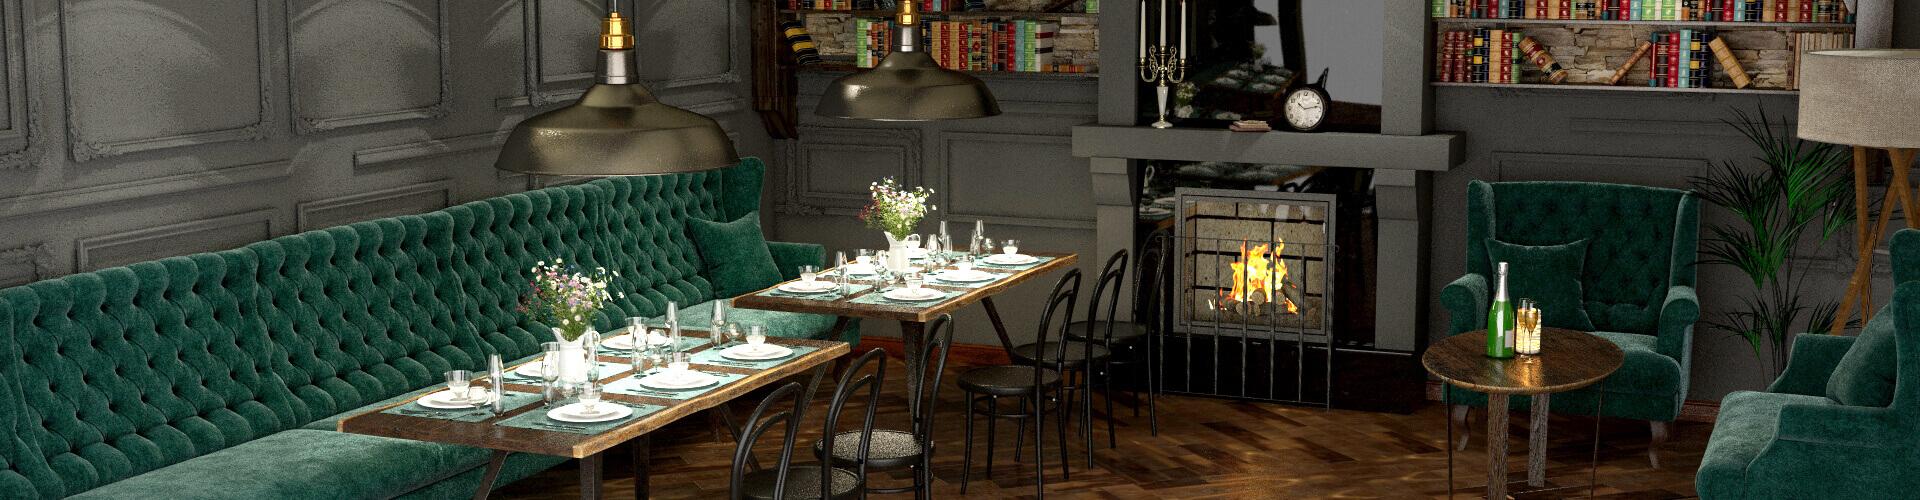 Дизайн интерьера Ресторана, Кафе © AbiStyle Дизайн студия в Киеве